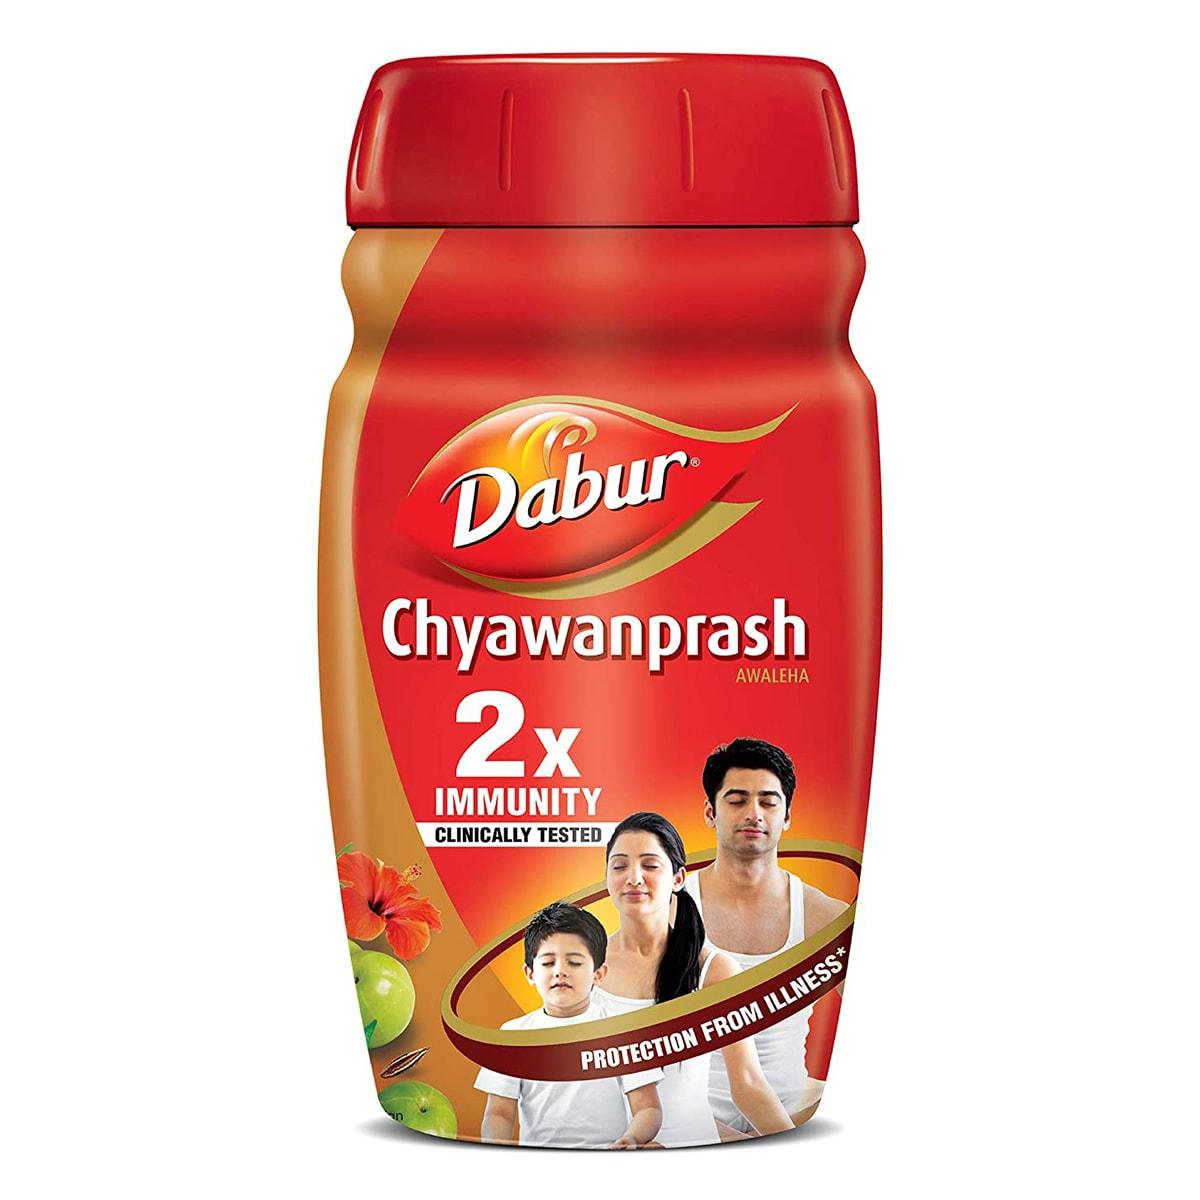 Buy Dabur Chyawanprash - 1 kg